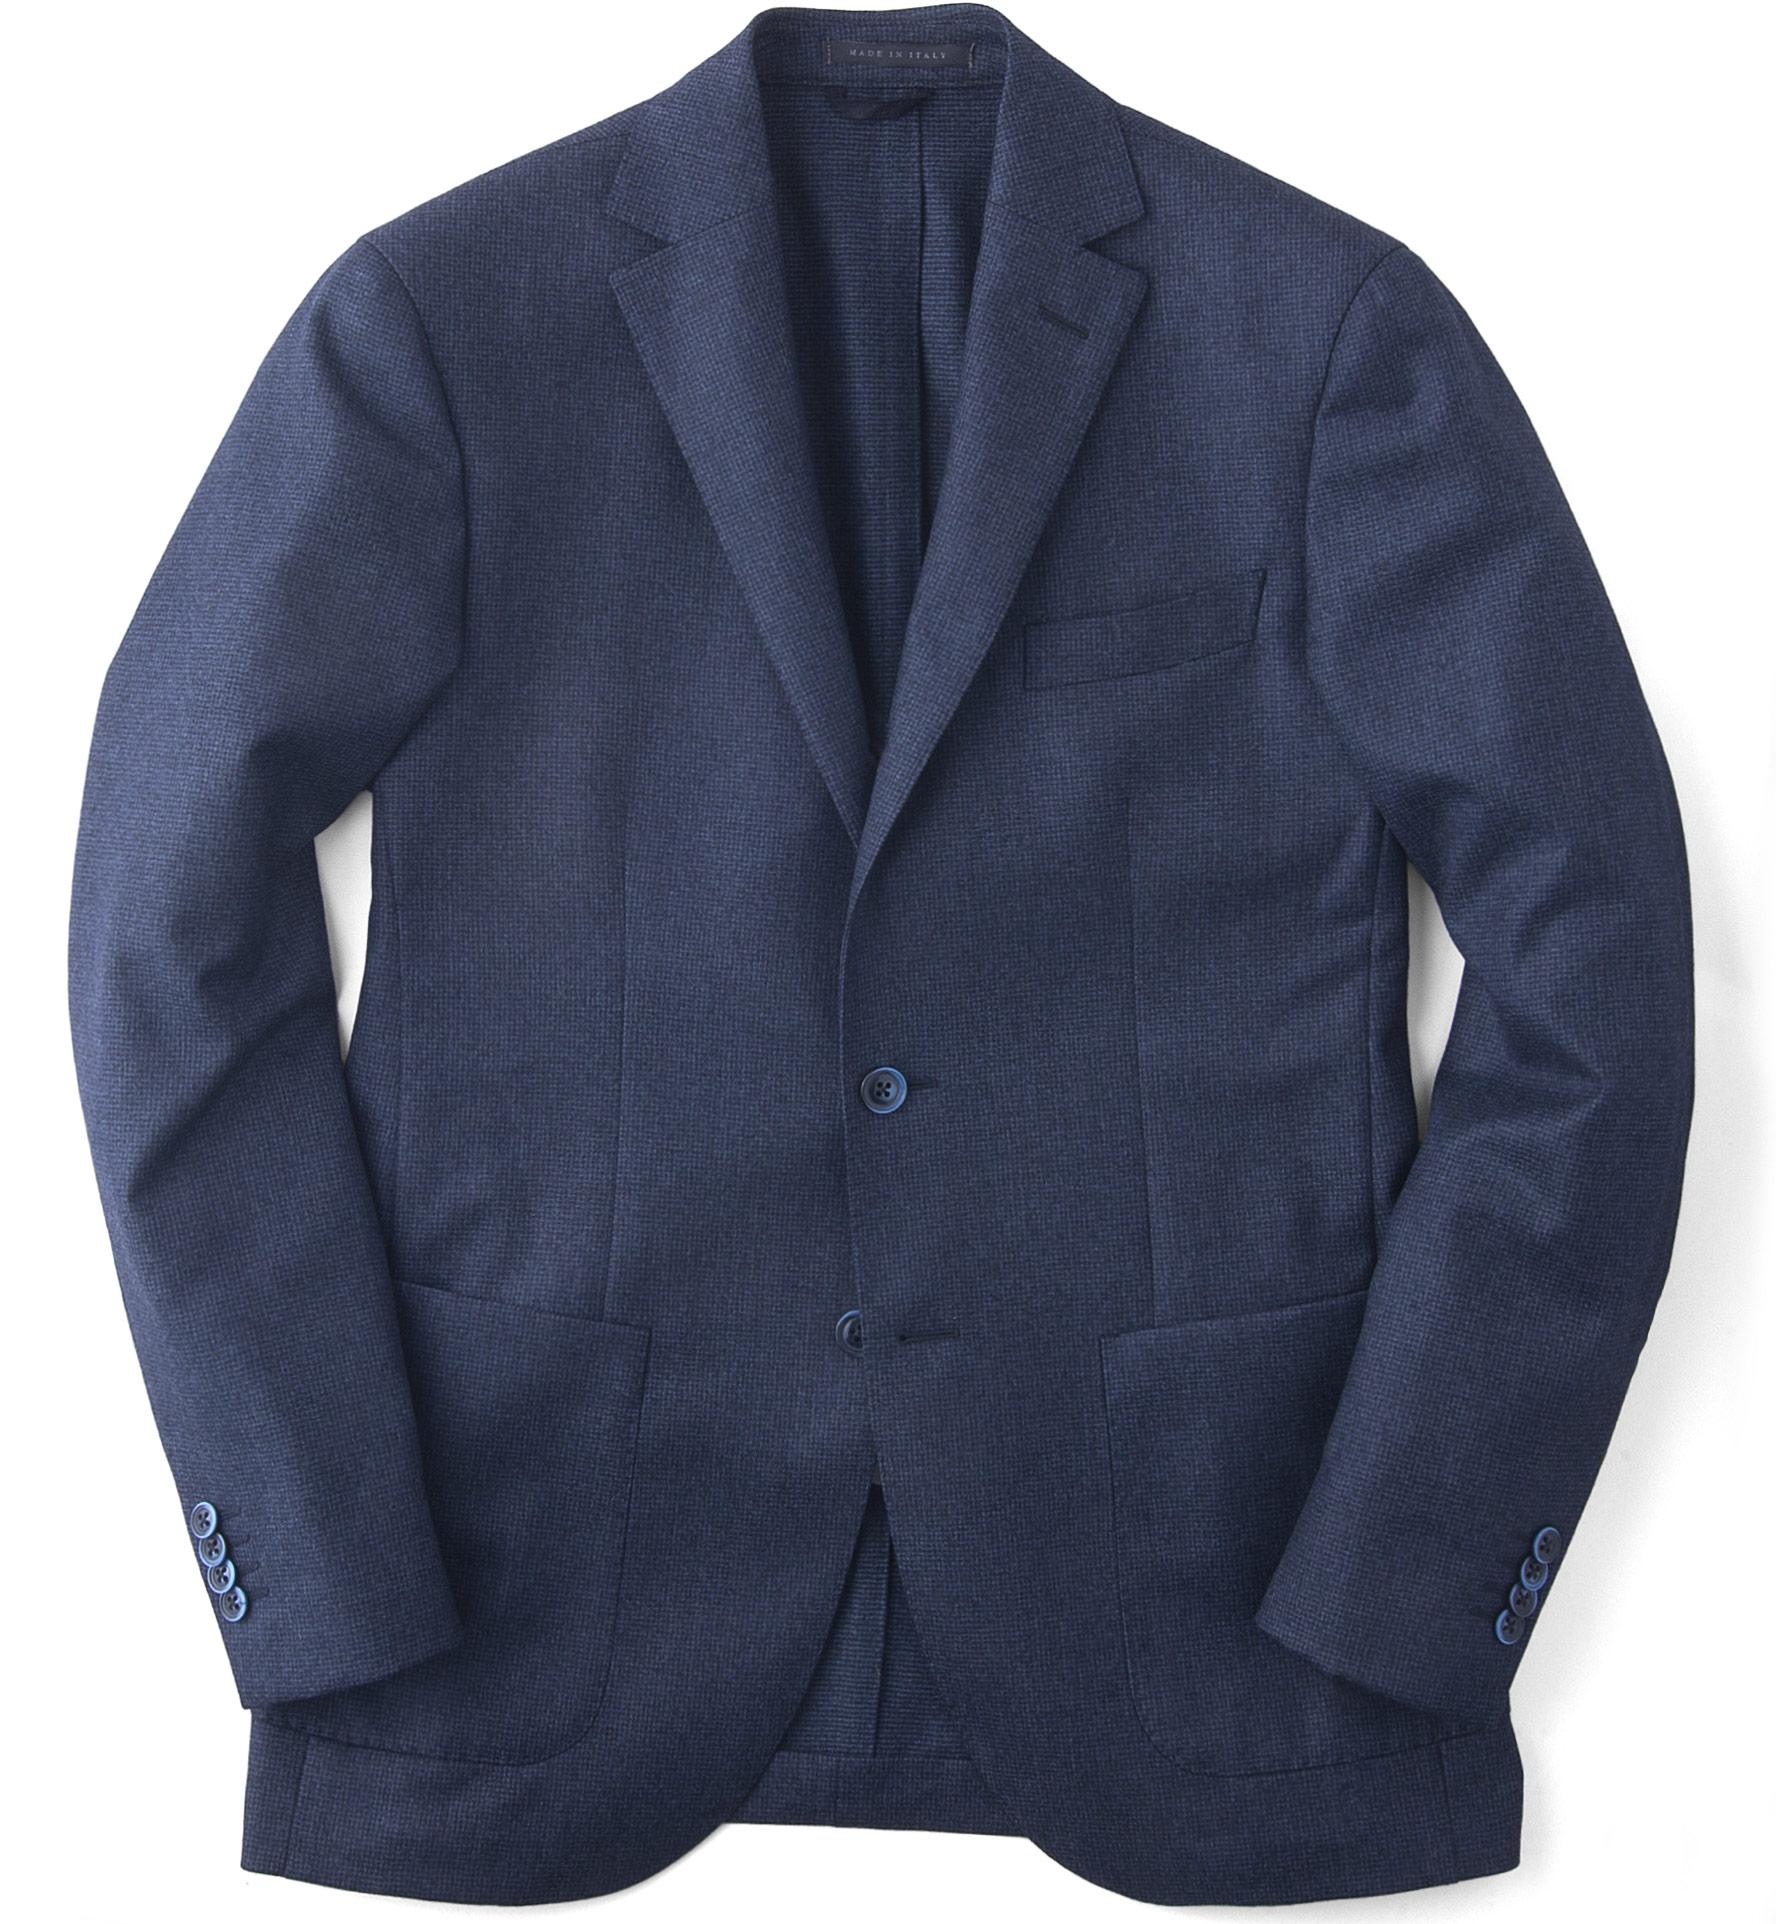 Zoom Image of Blue Houndstooth Genova Jacket